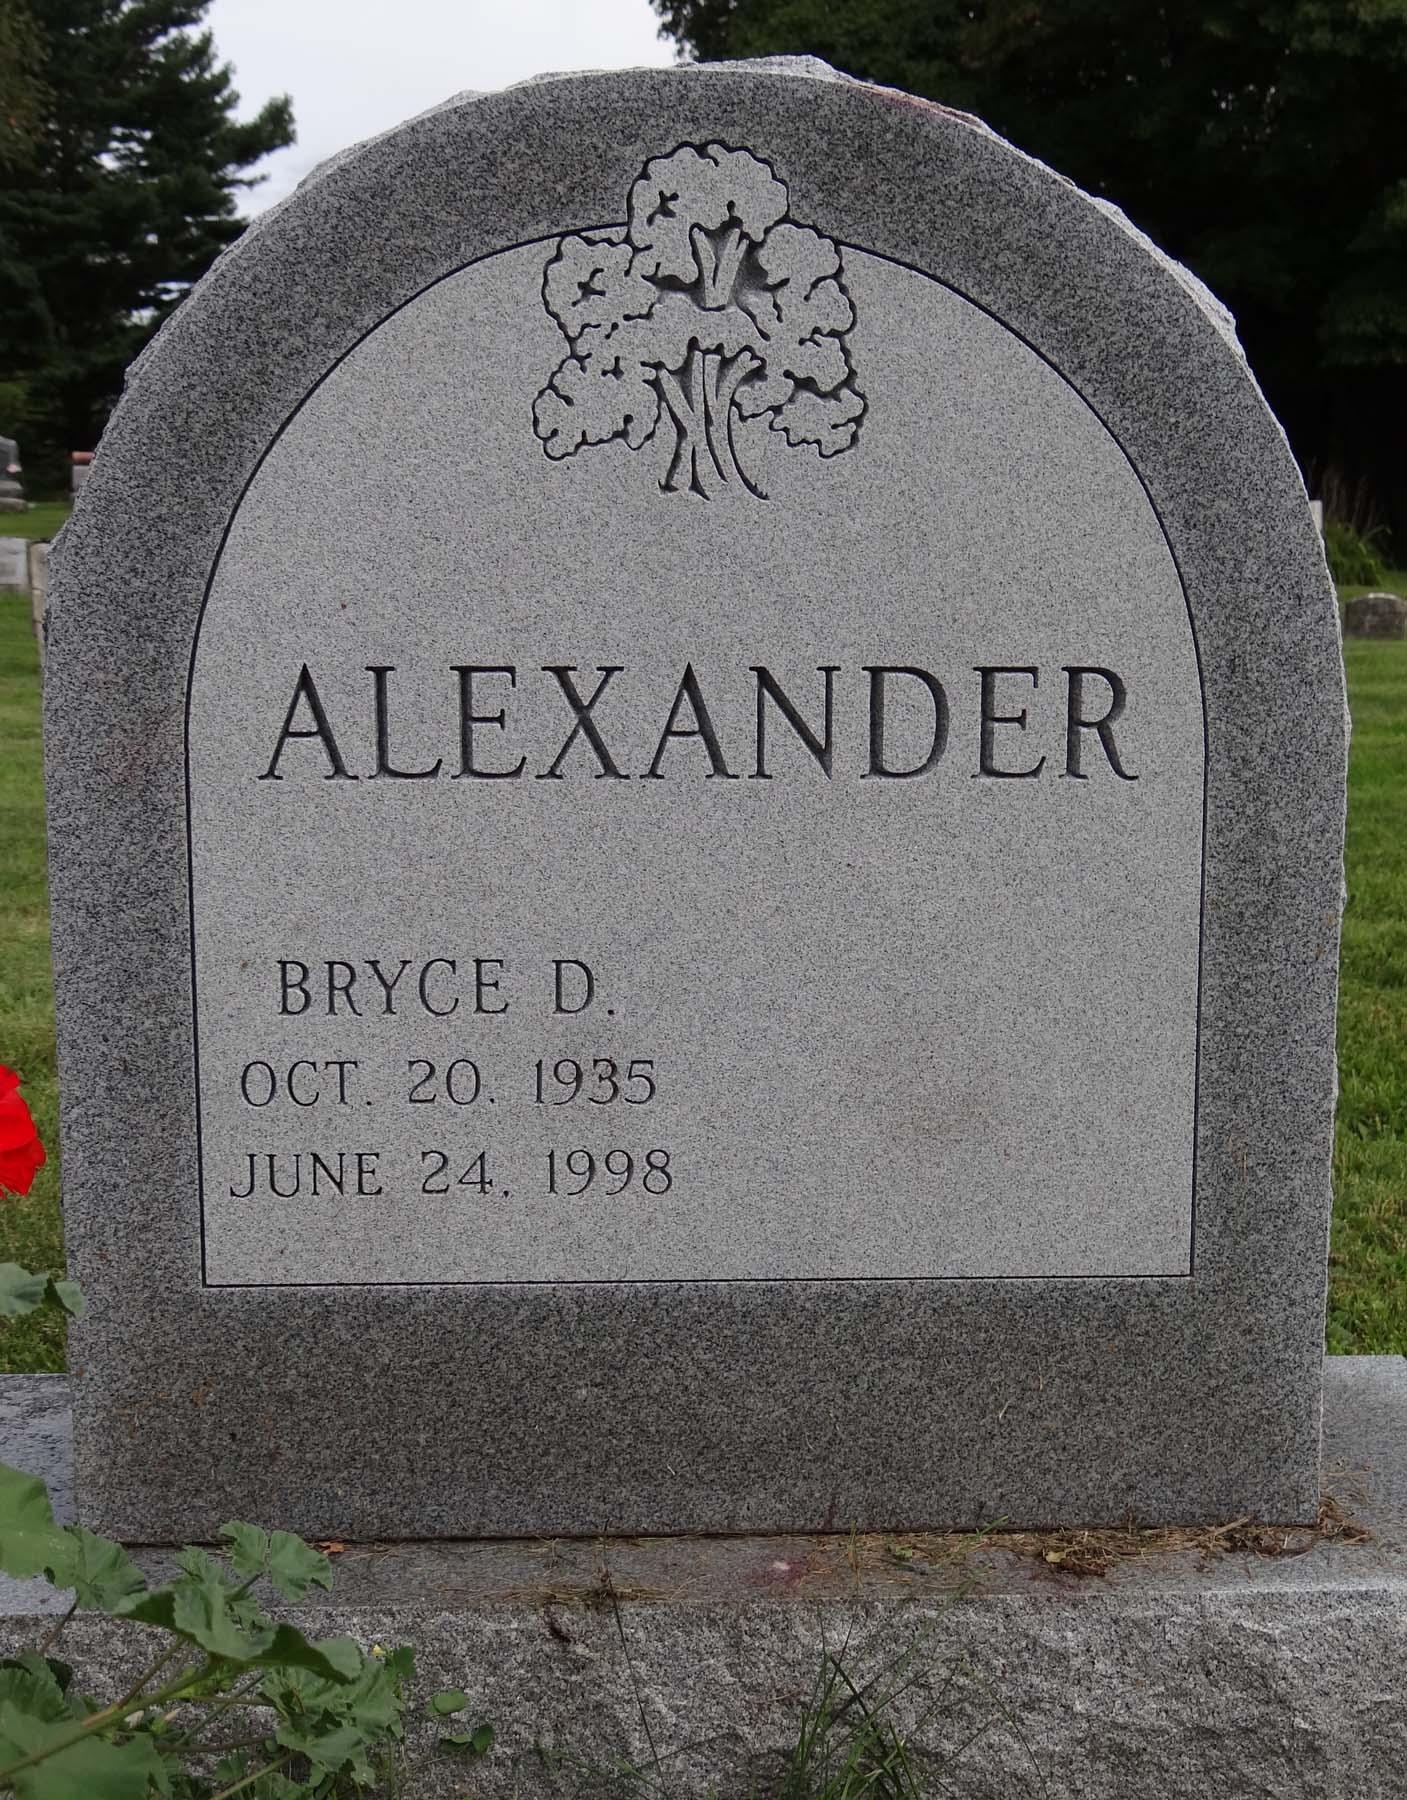 Bryce D. Alexander